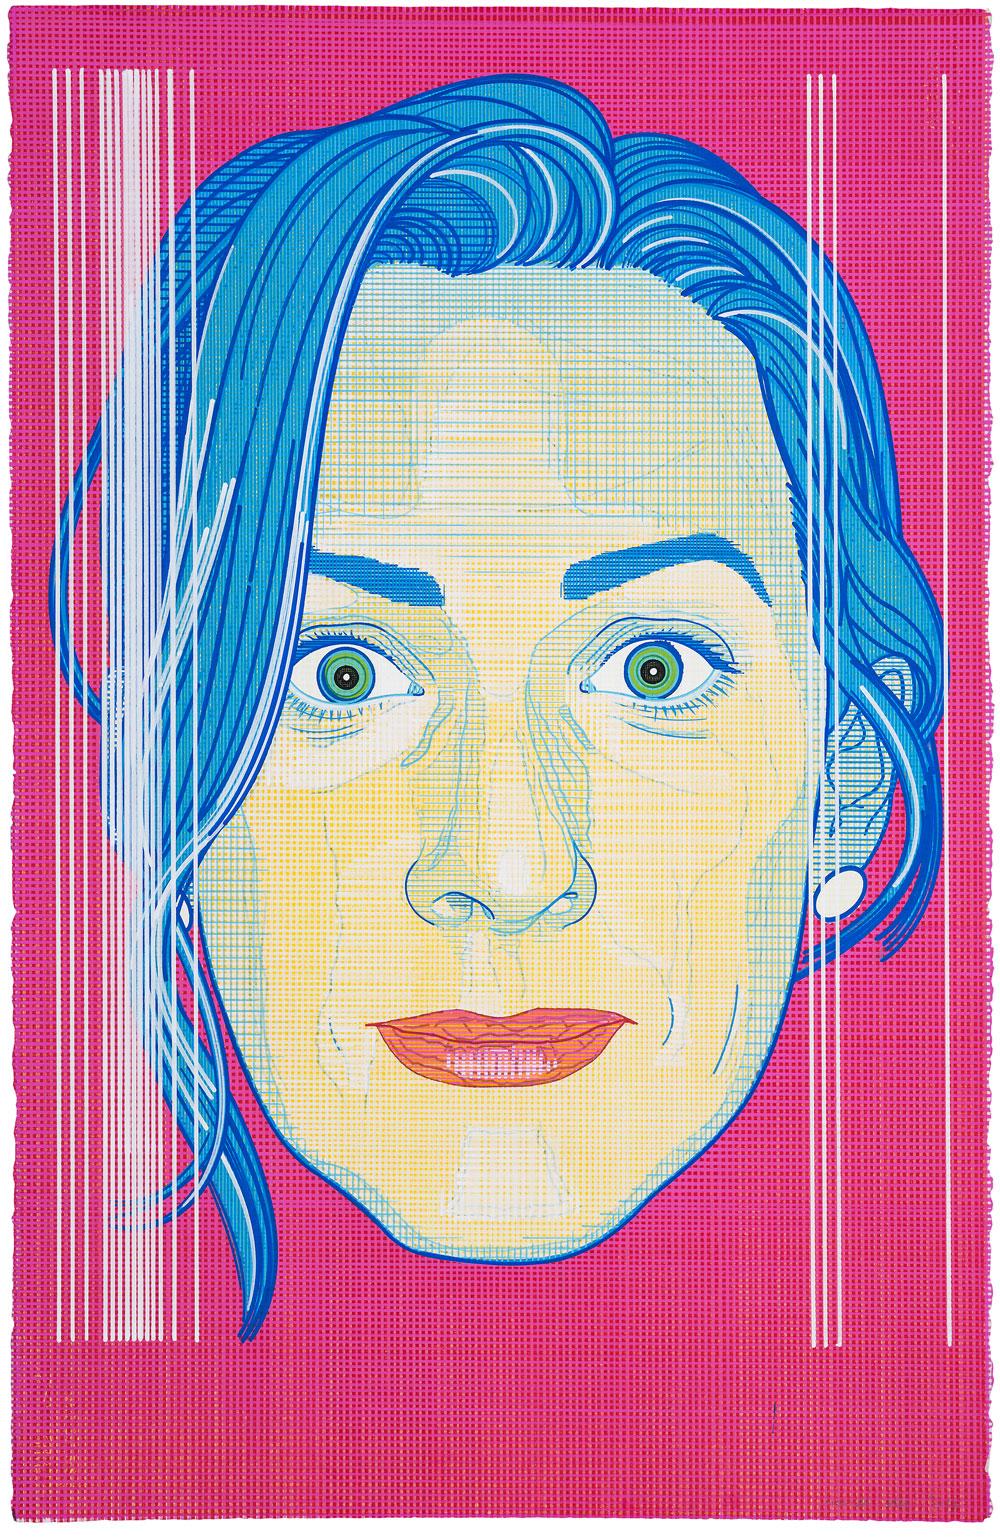 Anatomía de la influencia (3) , 2017. Acuarela y témpera sobre papel, 102 x 66 cm.